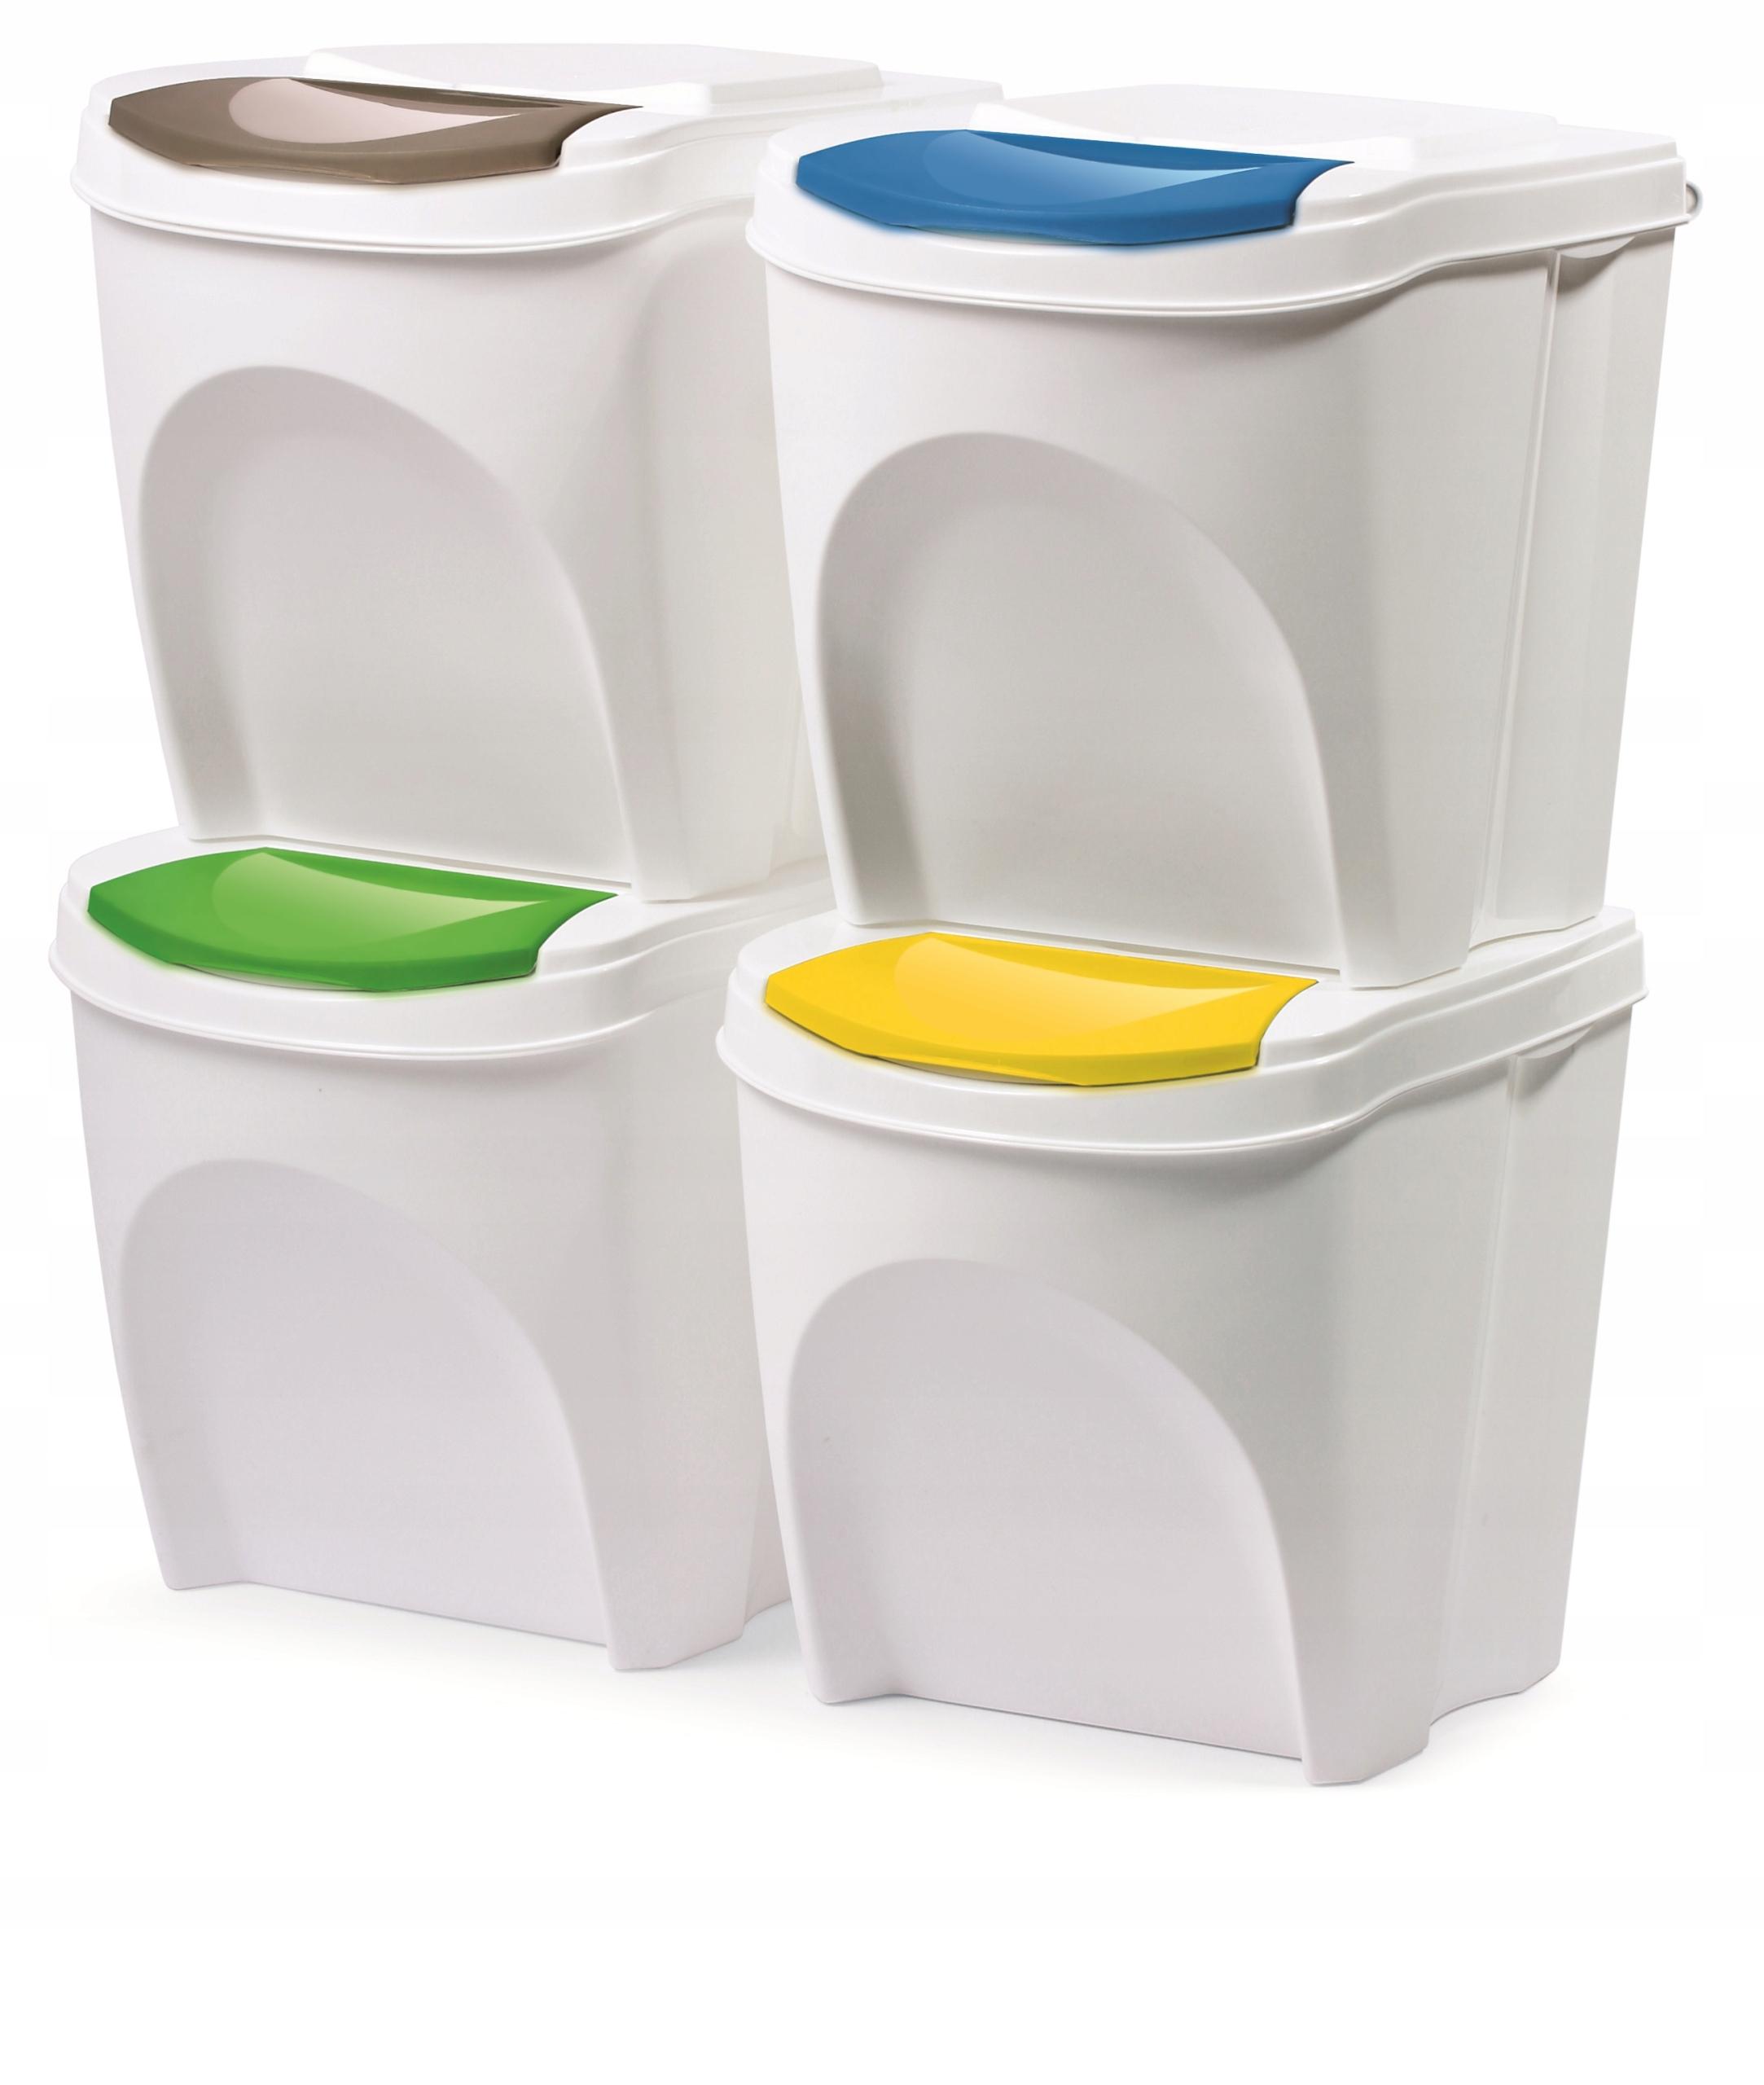 Комплект 4x КОРЗИНА для сегрегации мусора 4x20l